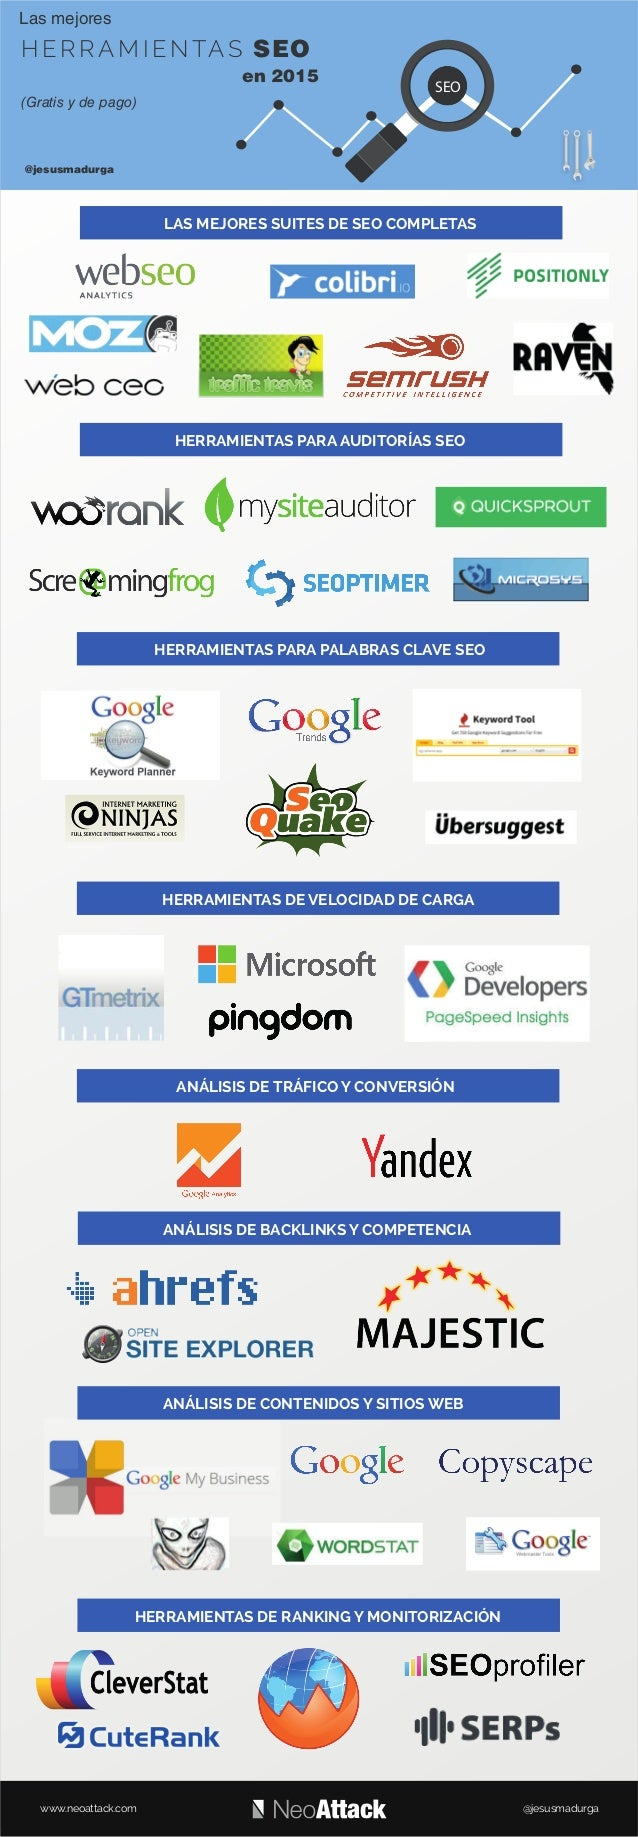 www.neoattack.com @jesusmadurga @jesusmadurga HERRAMIENTAS DE VELOCIDAD DE CARGA HERRAMIENTAS PARA AUDITORÍAS SEO LAS MEJO...